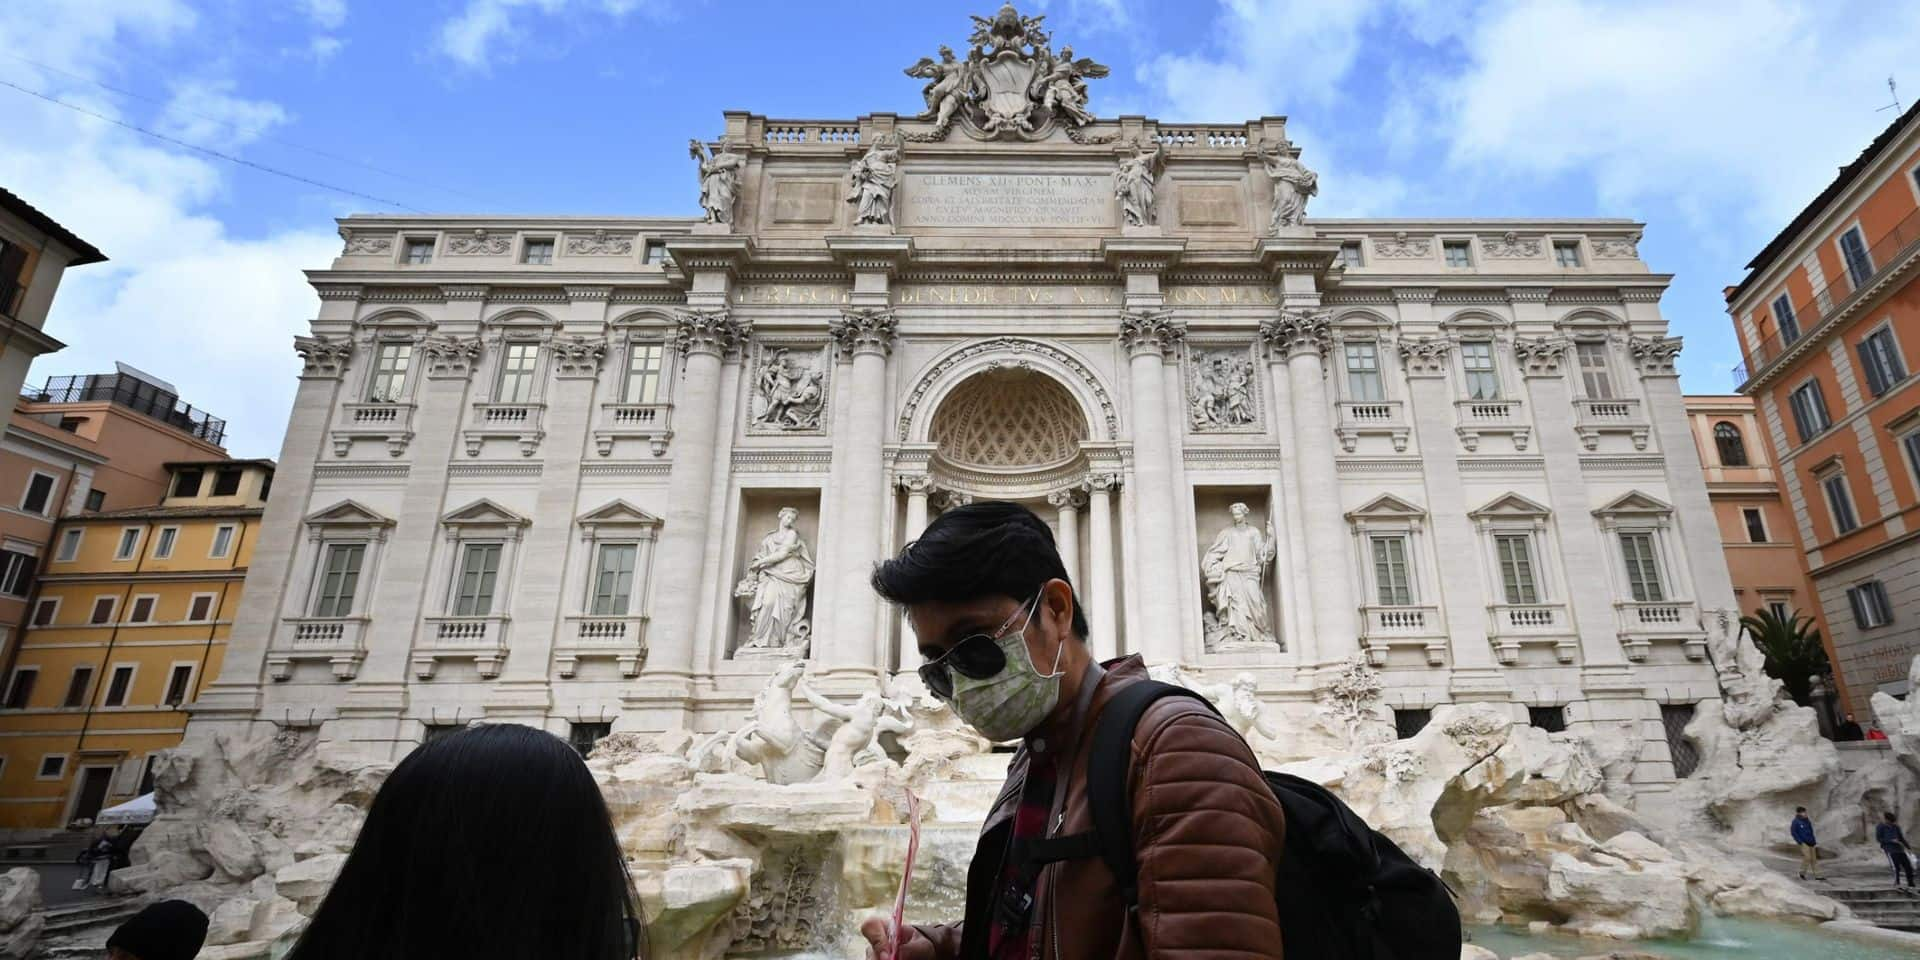 Voyages déconseillés: les Affaires étrangères émettent un nouvel avis pour les départs des Belges en Italie